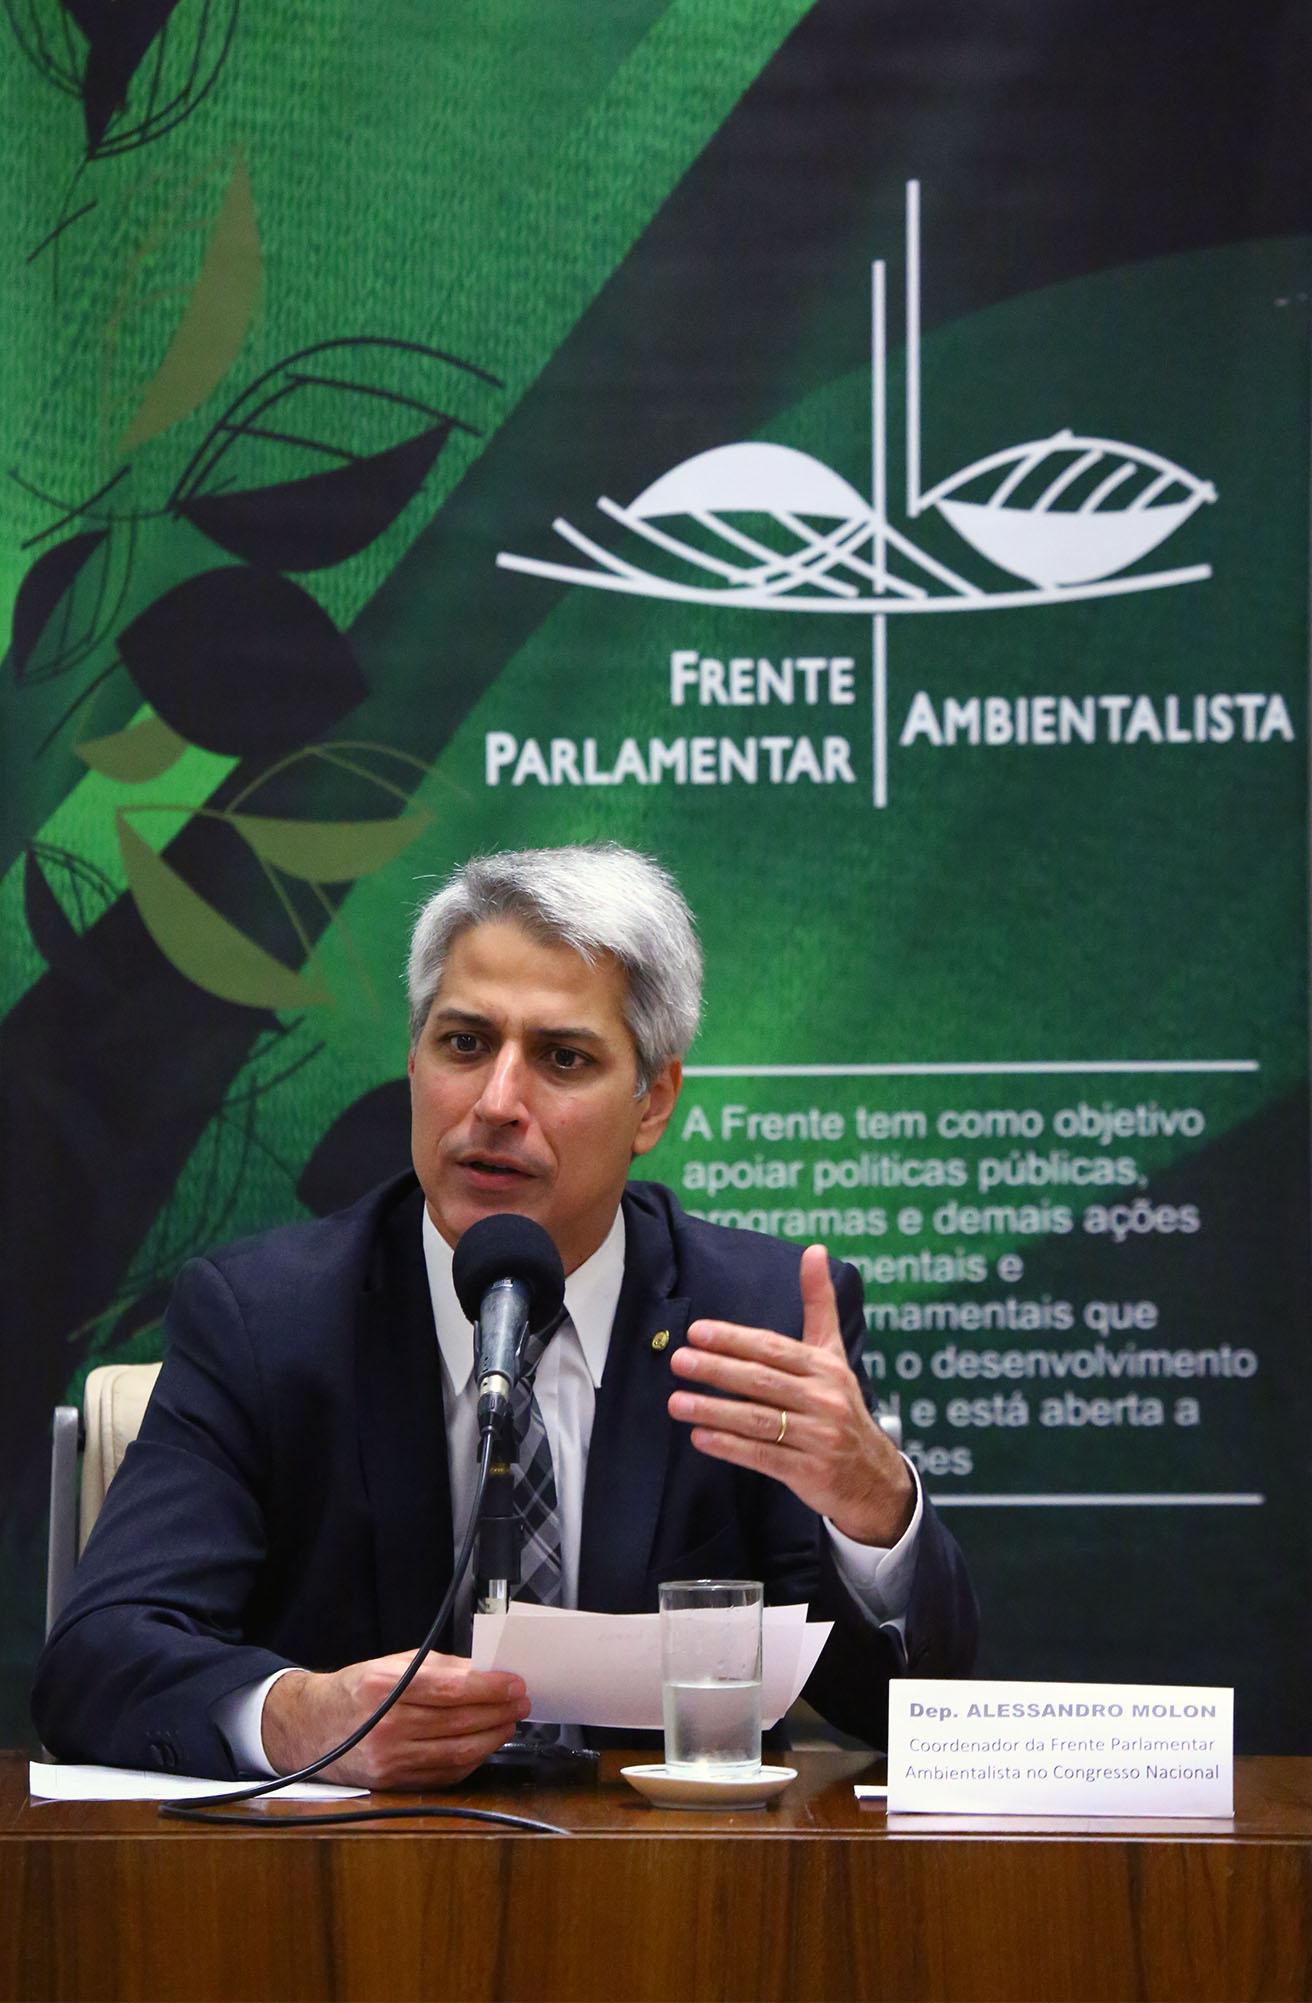 """Seminário """"Implementação das Cotas de Reserva Ambiental (CRA) nos estados Brasileiros"""". Dep. Alessandro Molon (REDE-RJ)"""